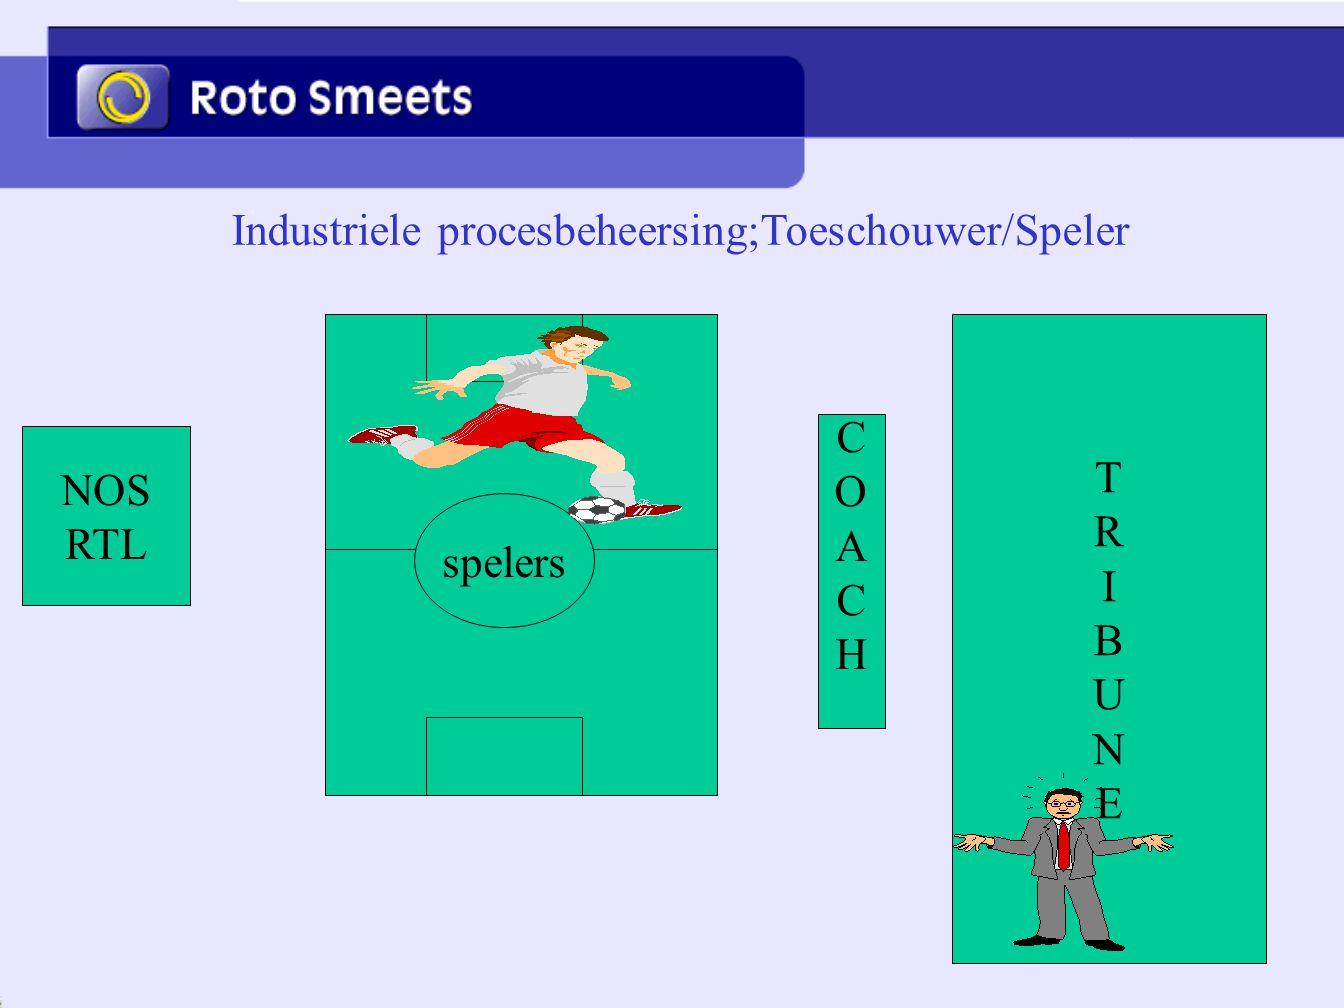 Industriele procesbeheersing;Toeschouwer/Speler